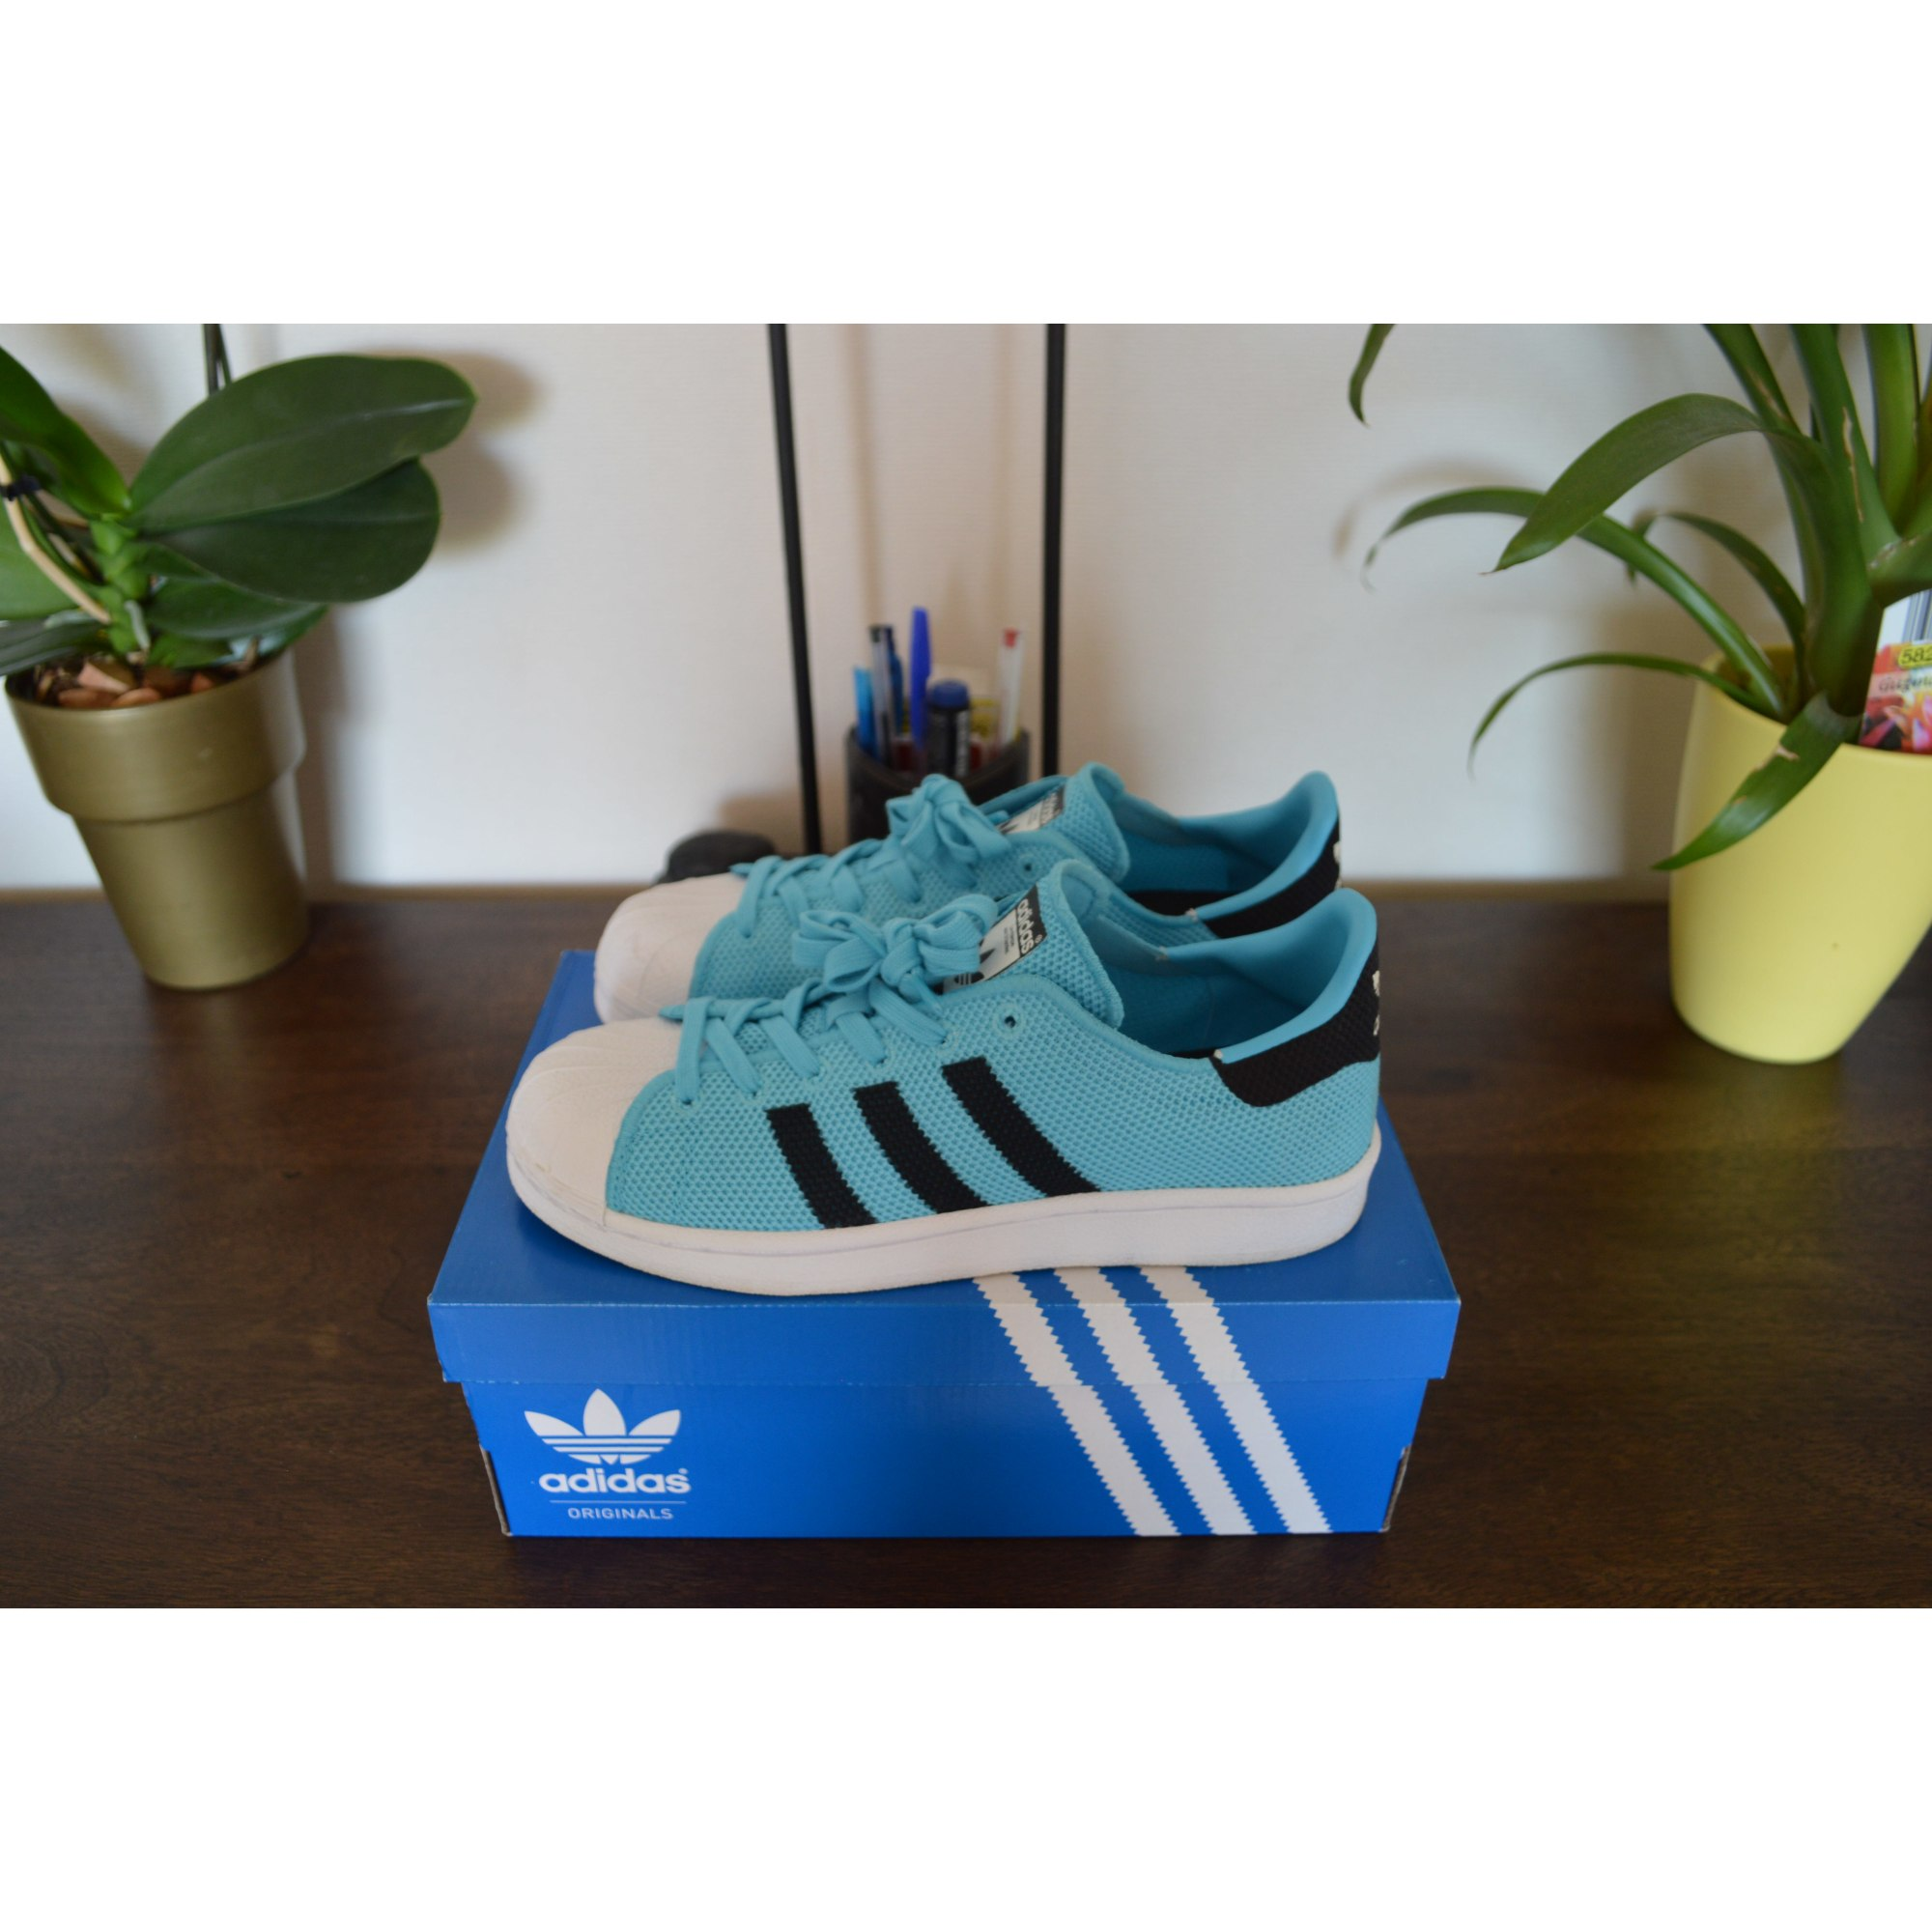 best website 1c89a 439fe Baskets ADIDAS Superstar Bleu, bleu marine, bleu turquoise